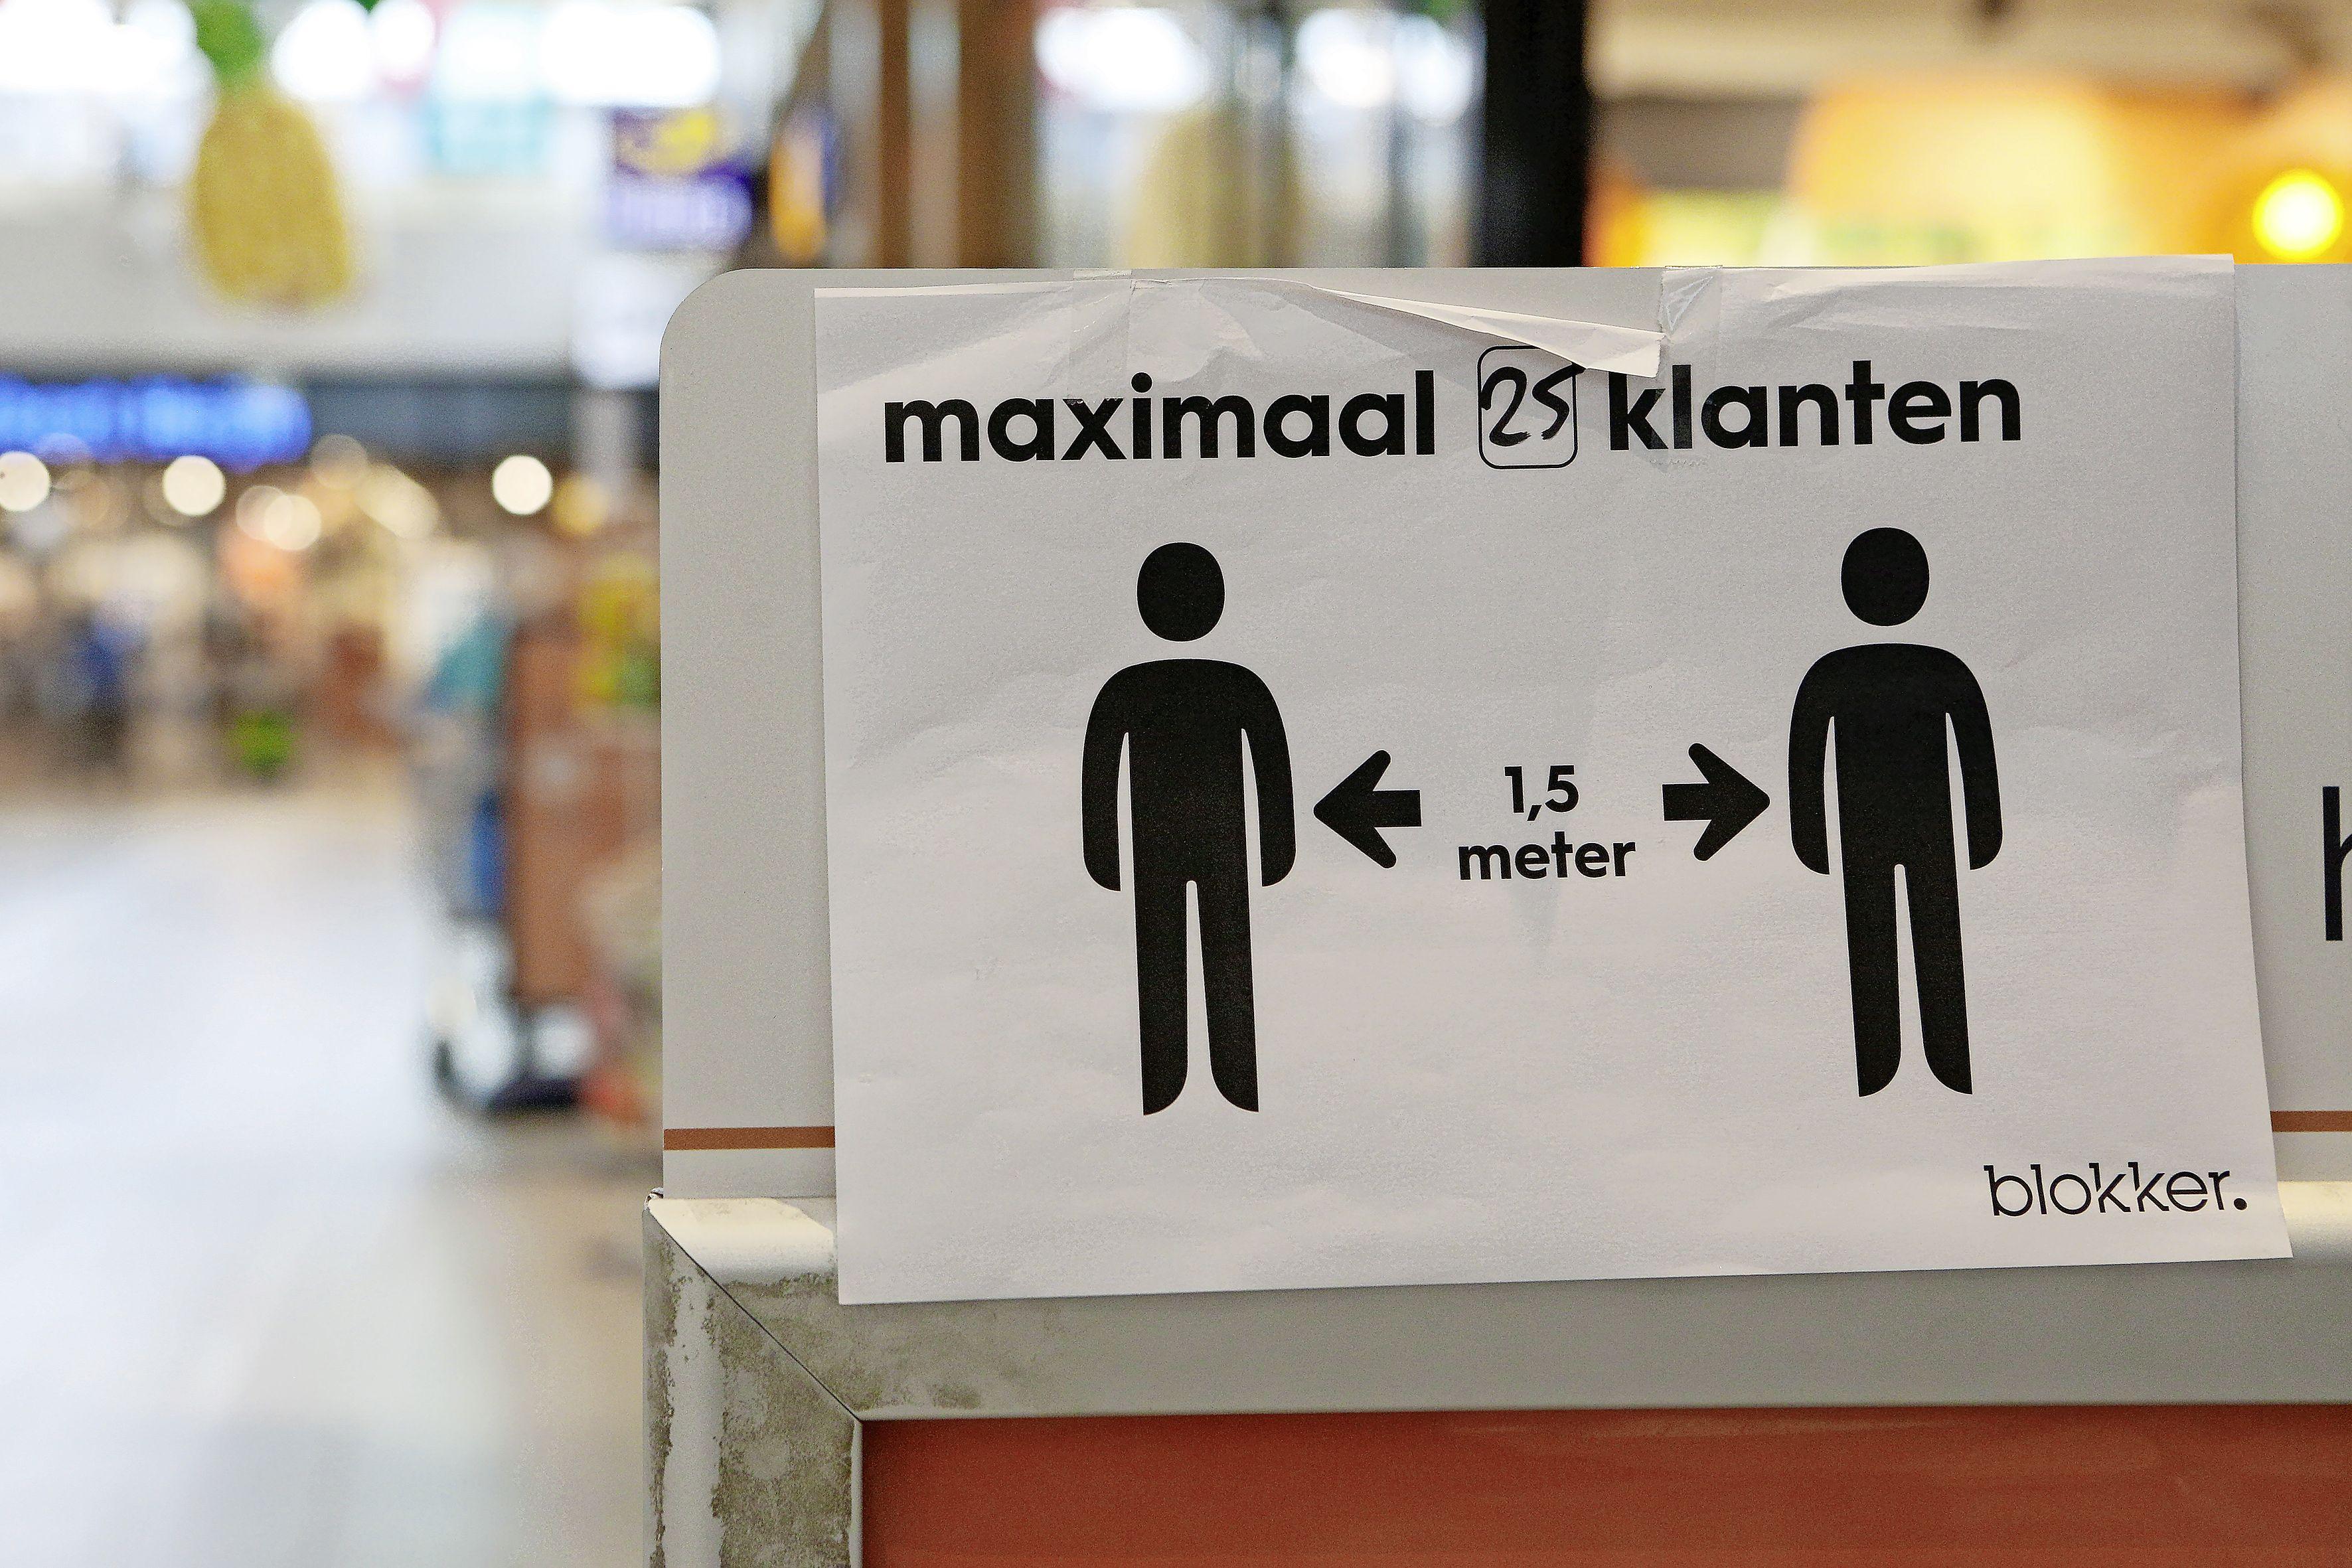 Speciale subsidie voor 1,5 meter-maatregelen in Hilversum